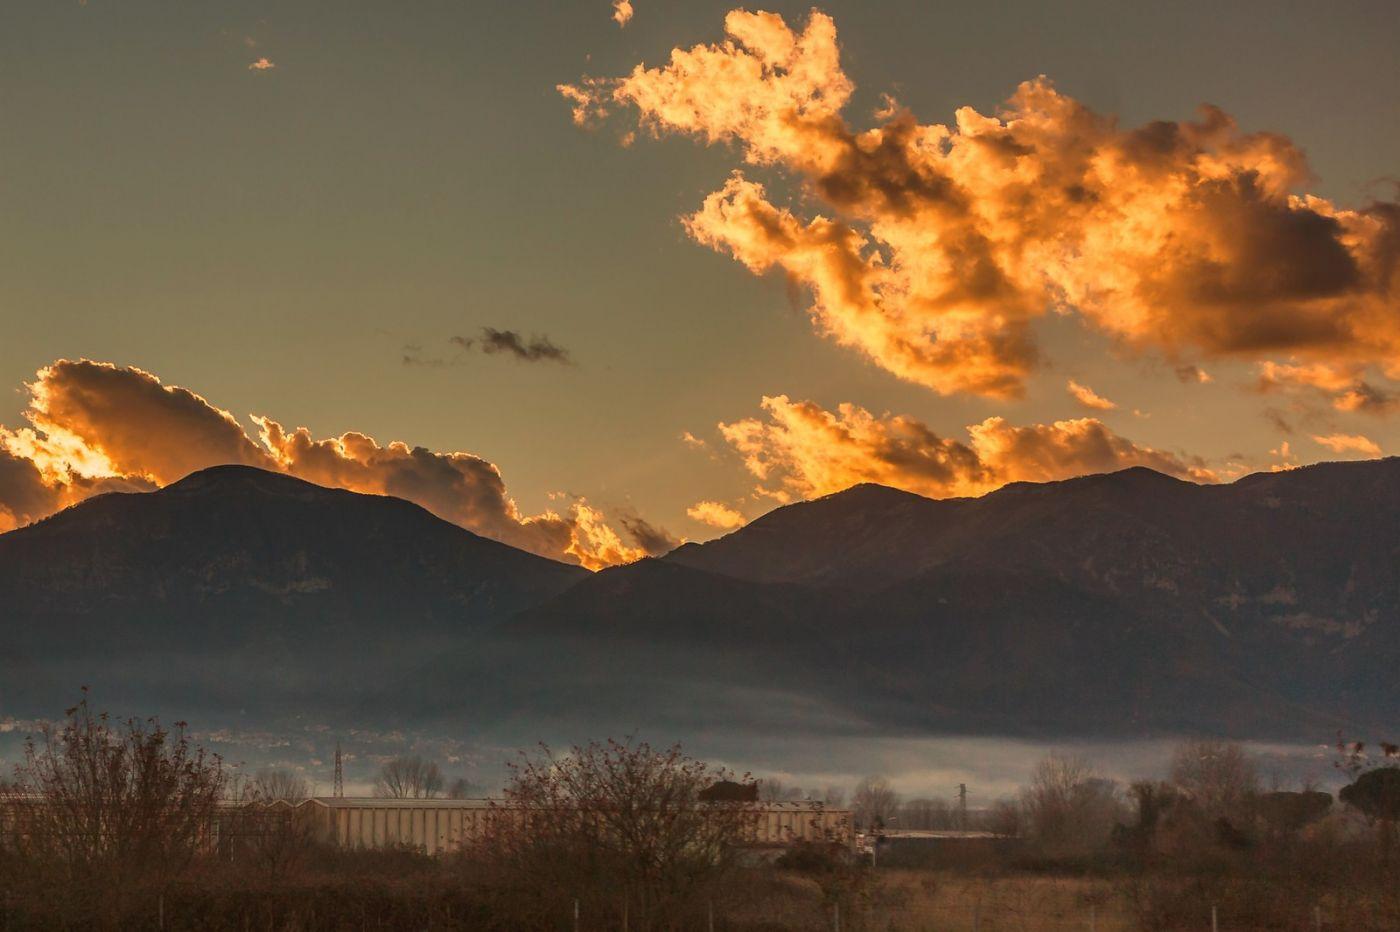 意大利路途,黄昏时的乡村_图1-37